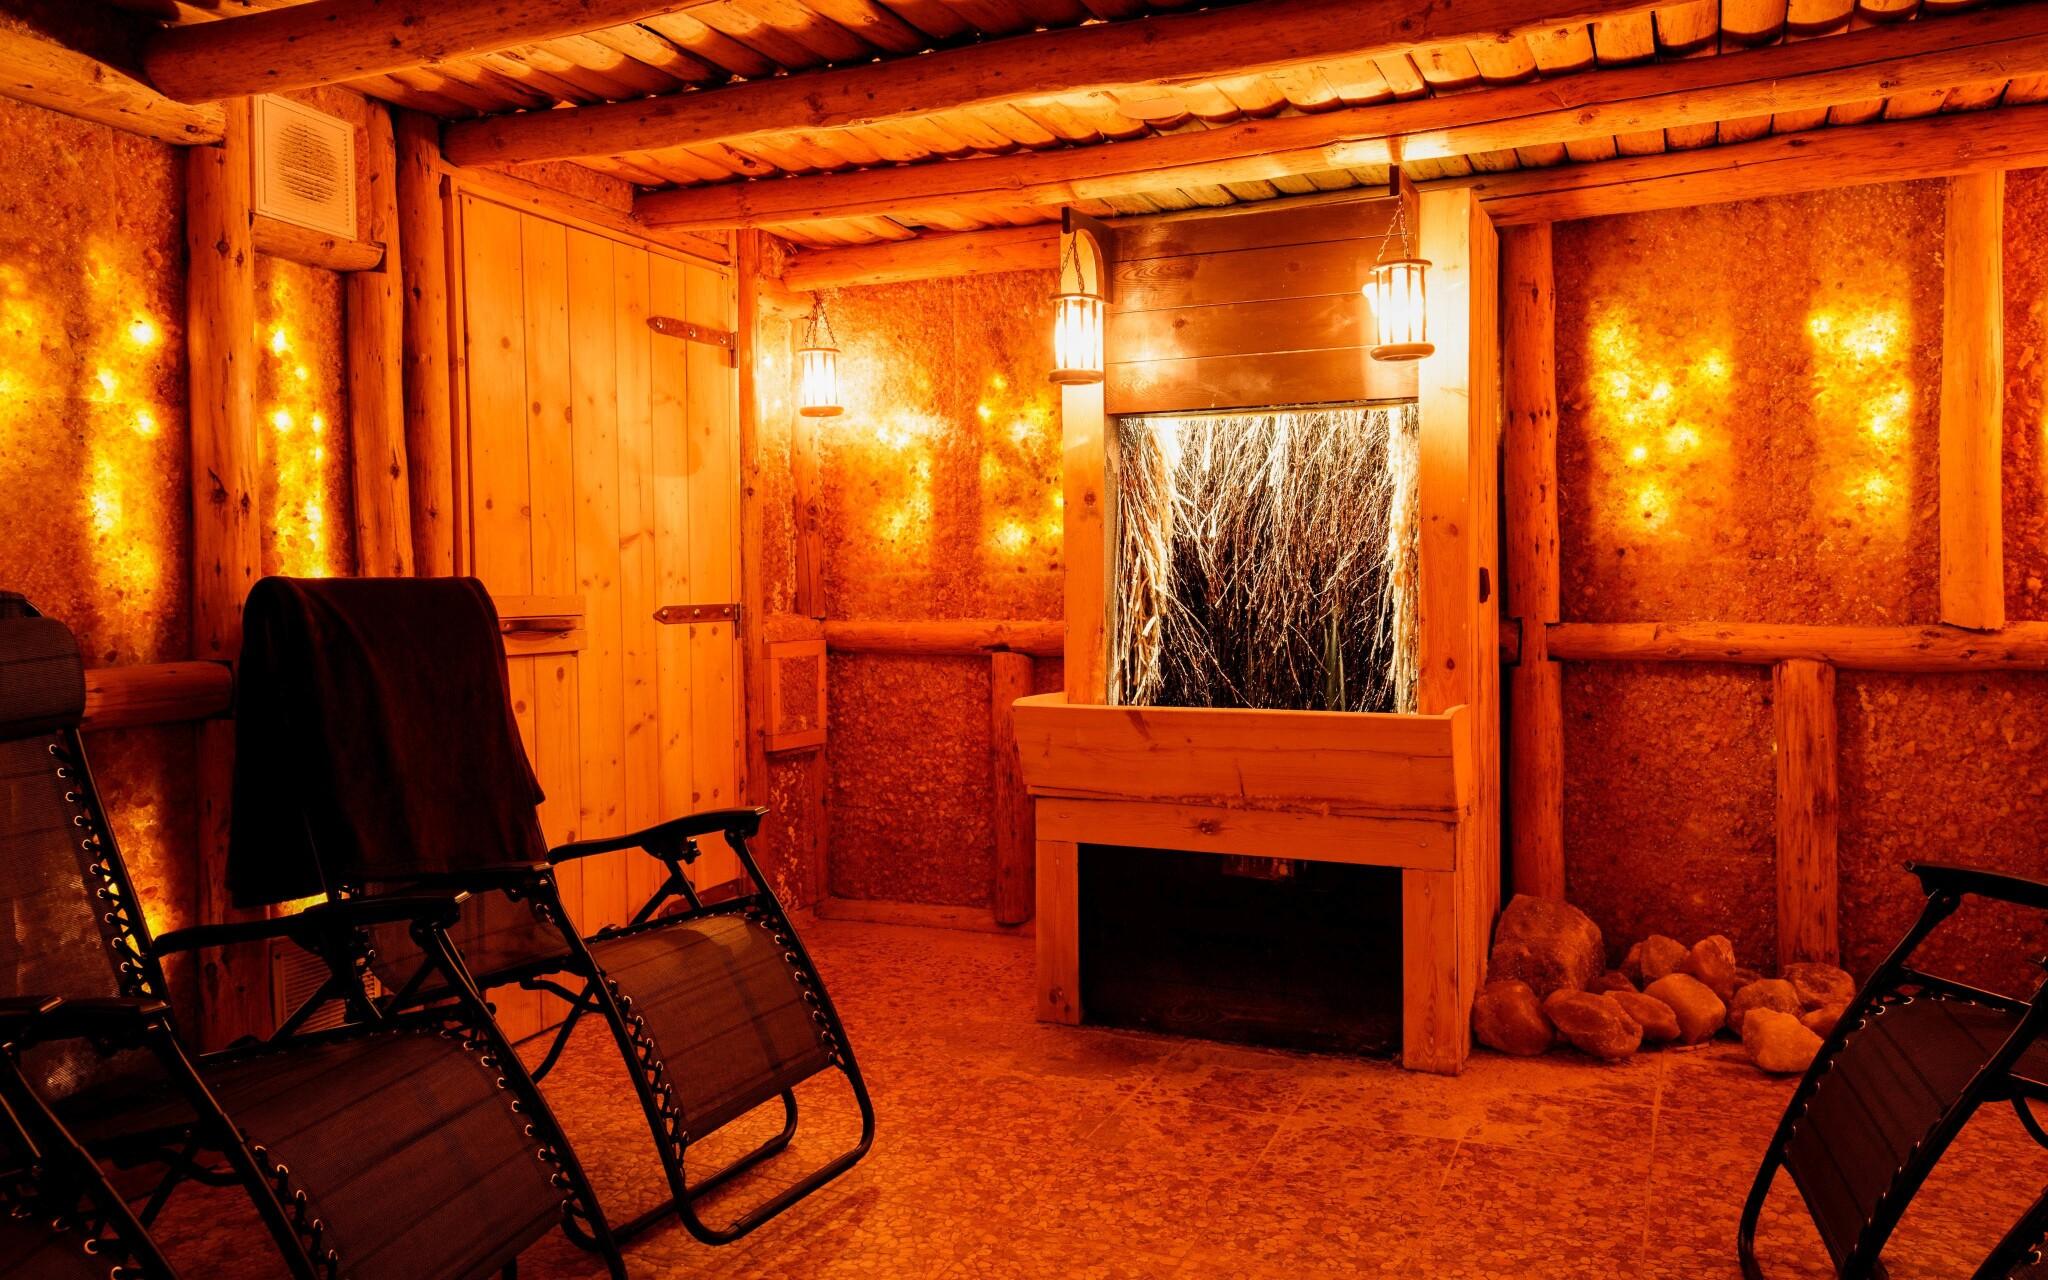 Zažijte uvolňující atmosféru solné jeskyně